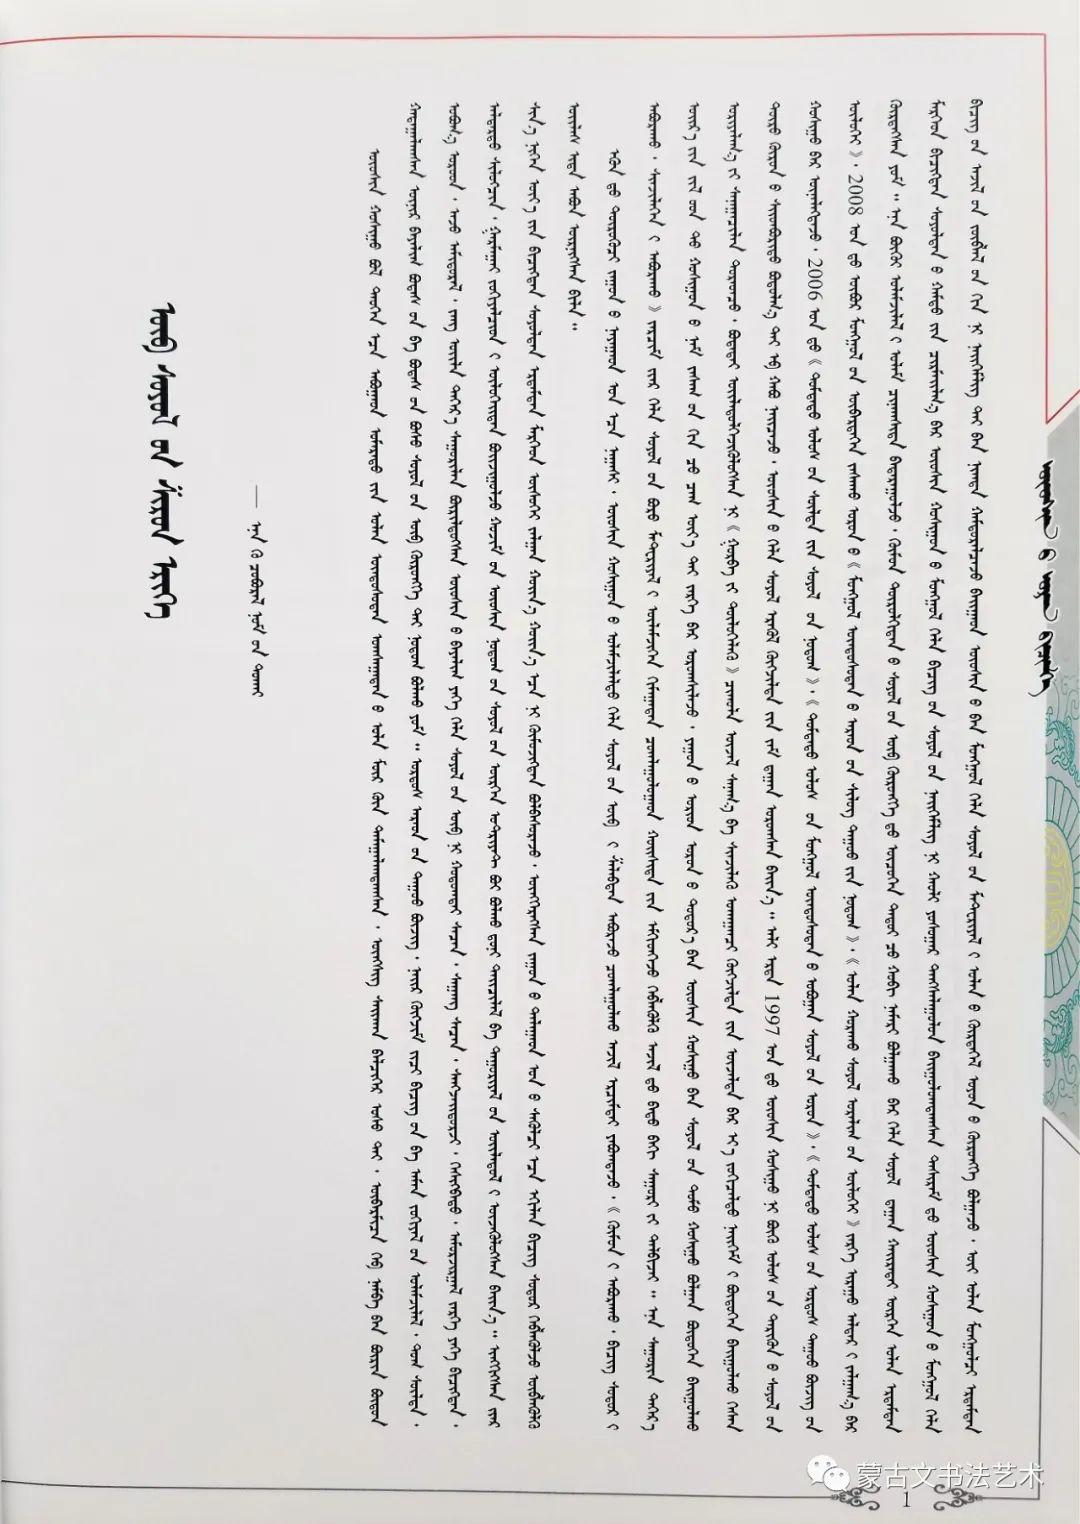 阿拉腾毕力格《乌审旗书法与篆刻精选》 第5张